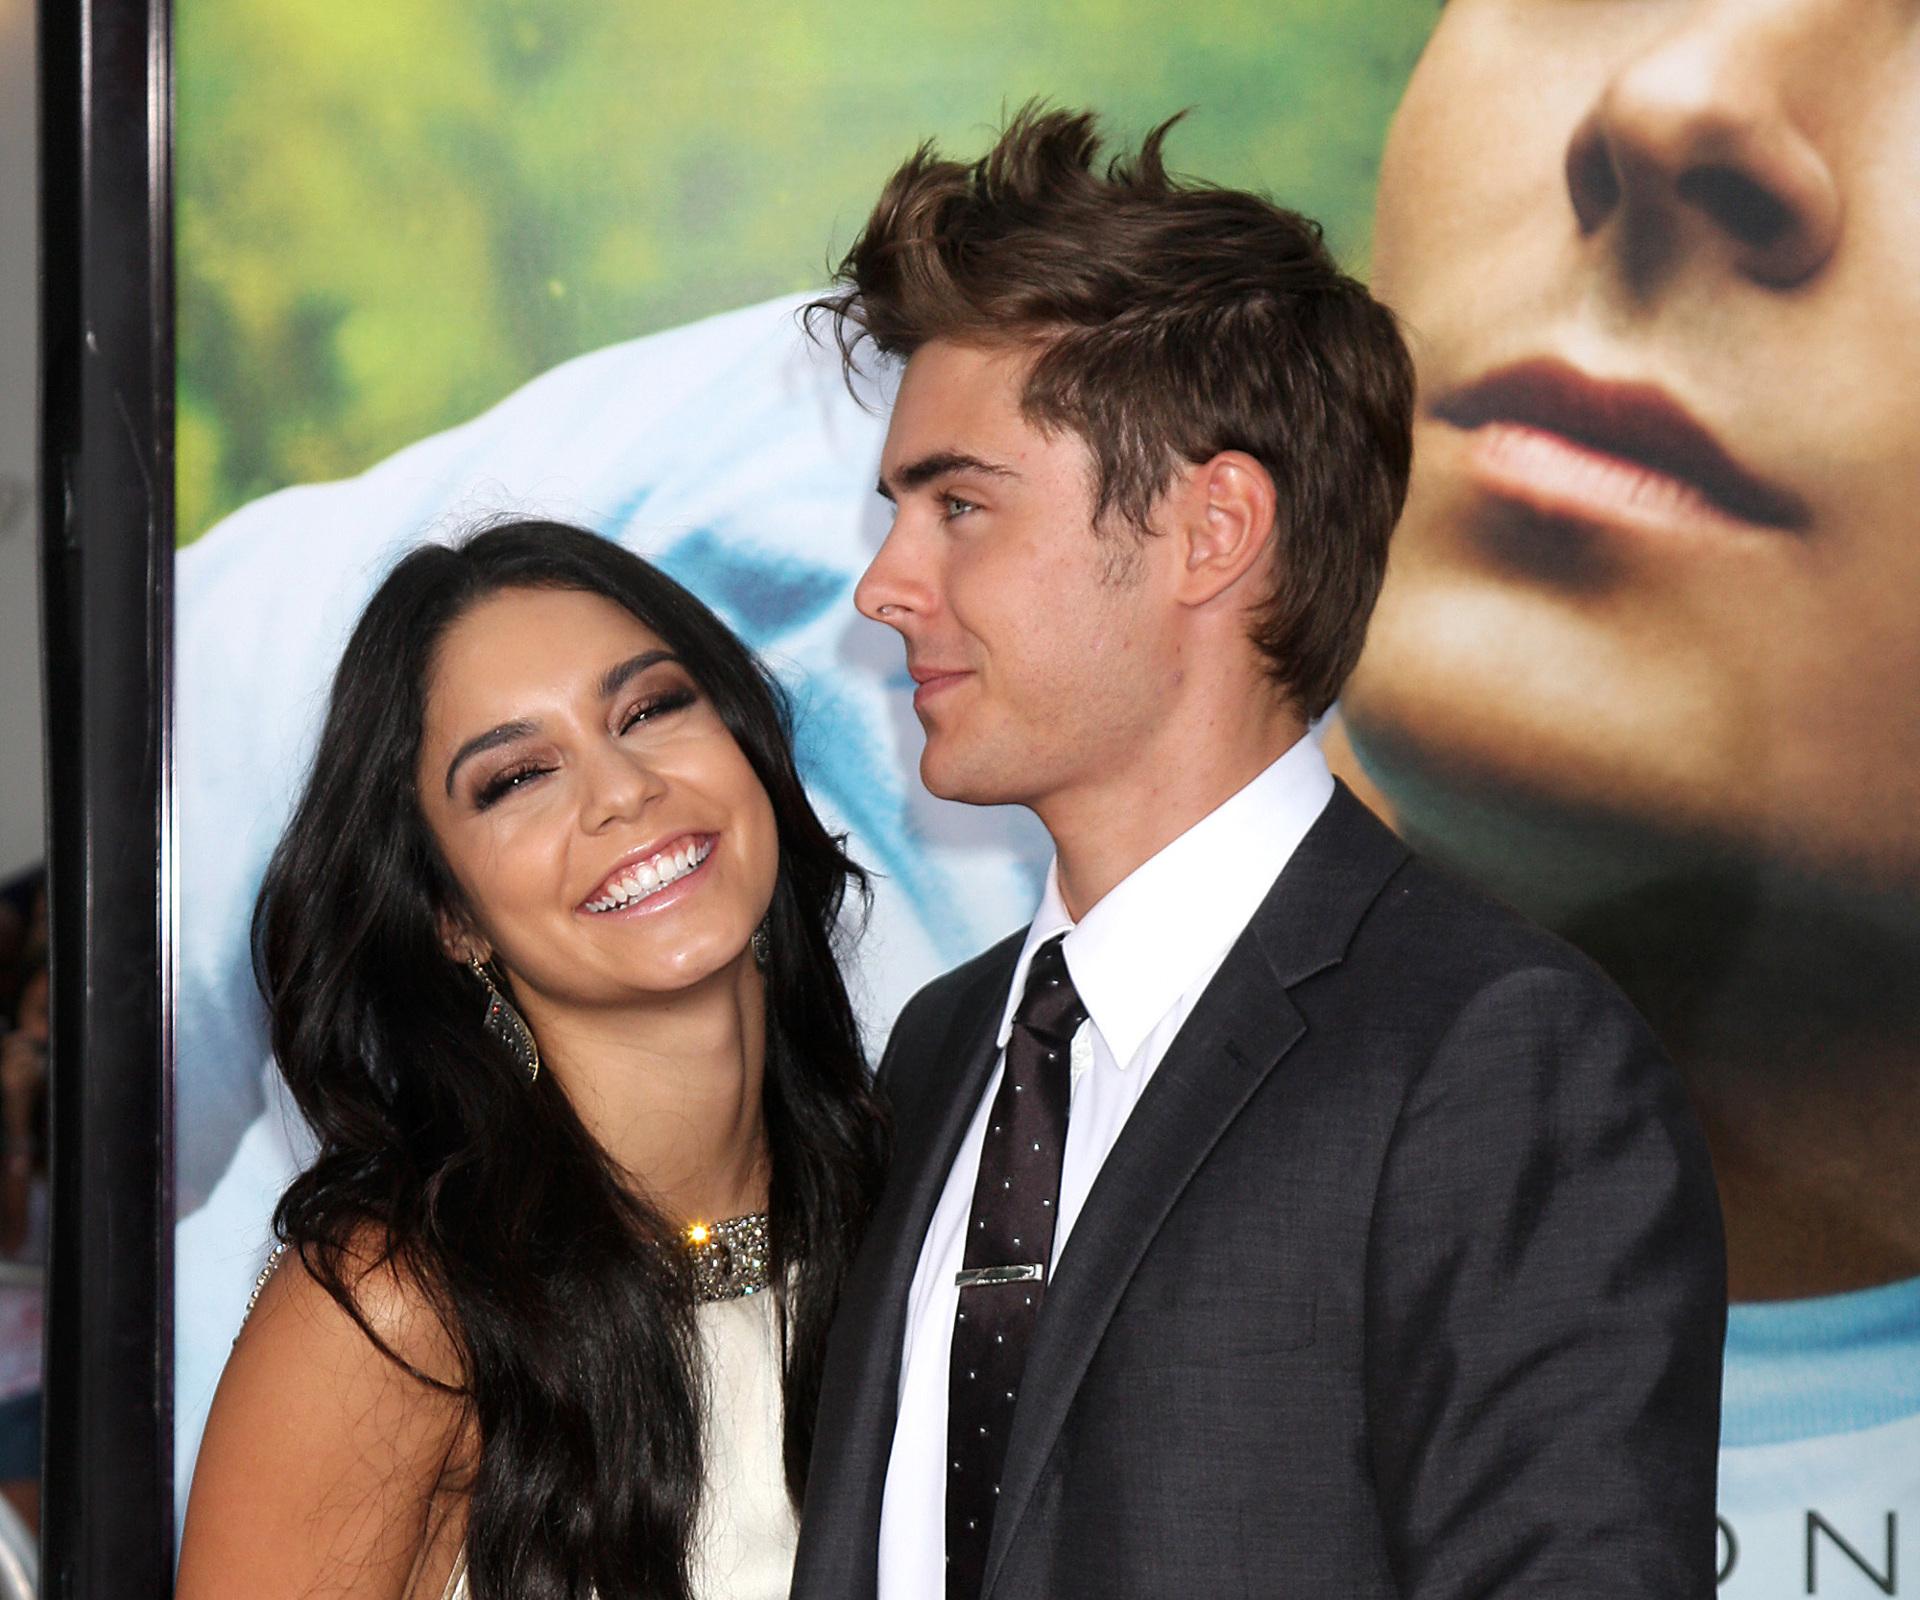 Vanessa dating Austinkorsetti dating